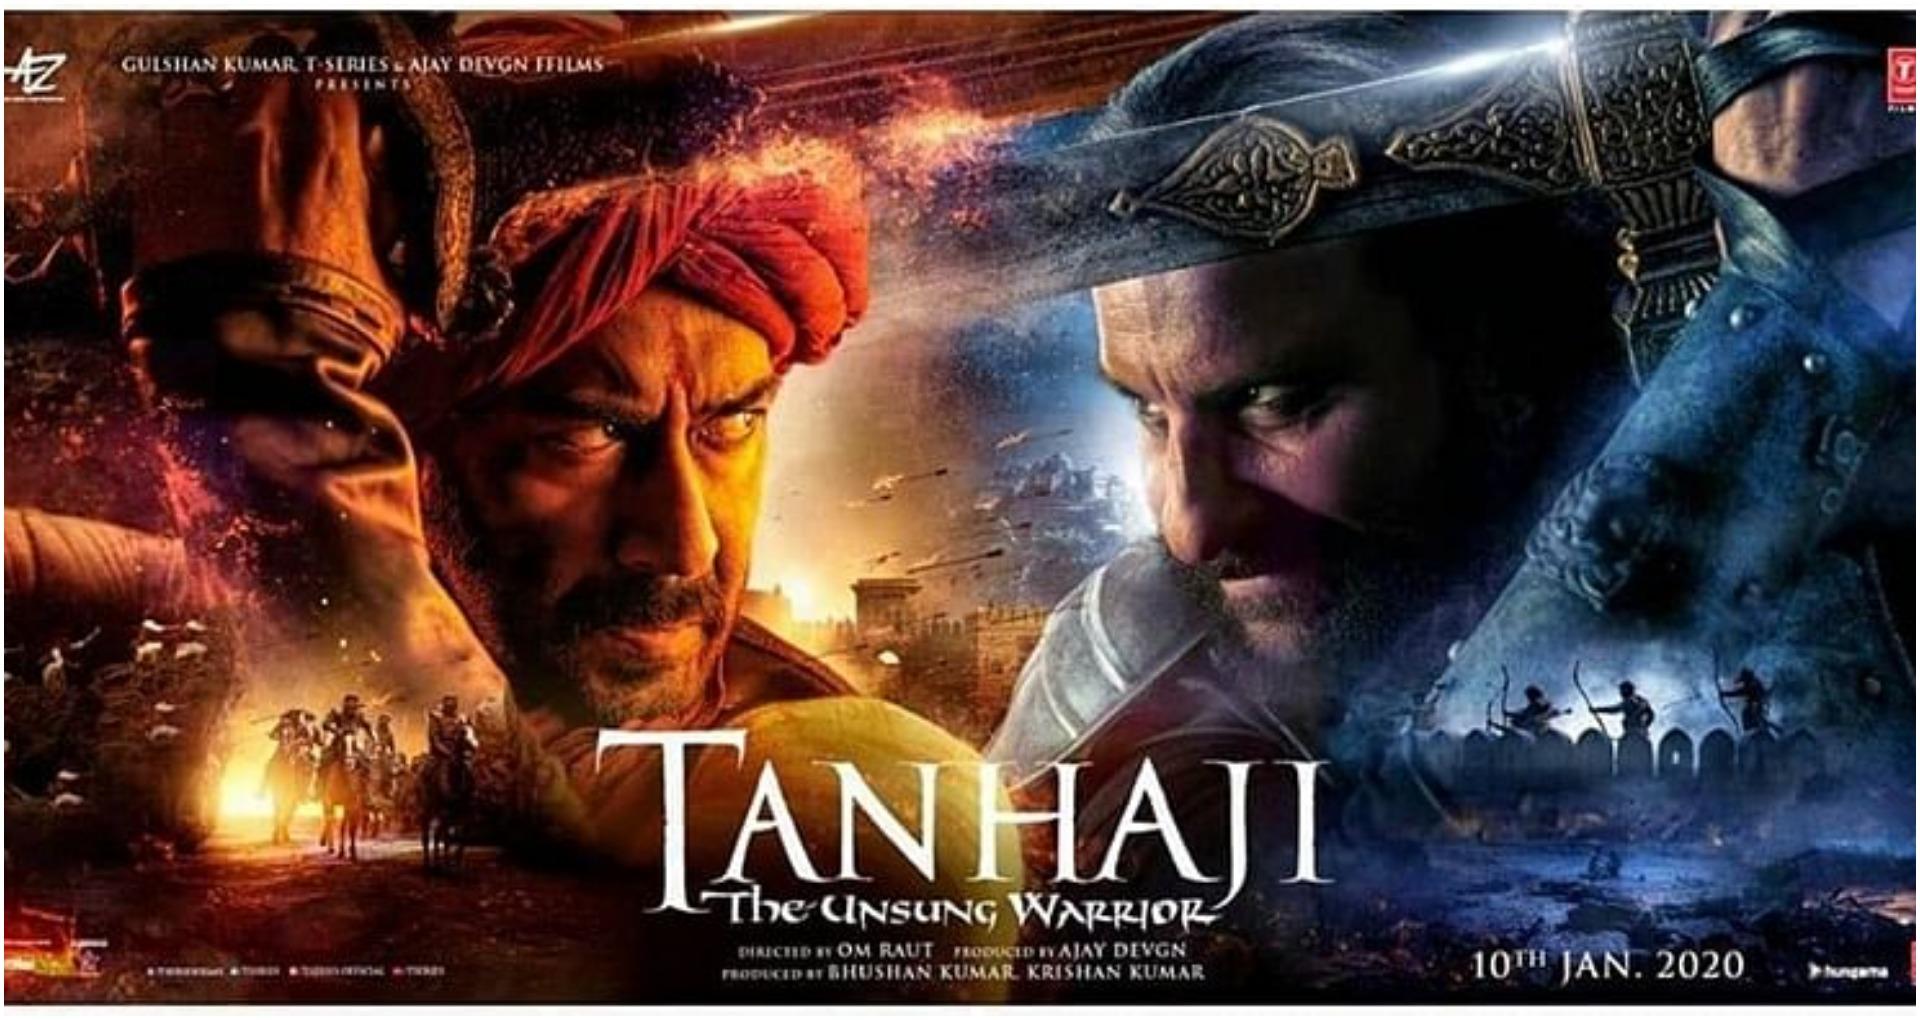 Tanhaji Box Office Collection: अजय देवगन की 'तान्हाजी' का जादू कायम, वीकेंड पर कमाए इतने करोड़